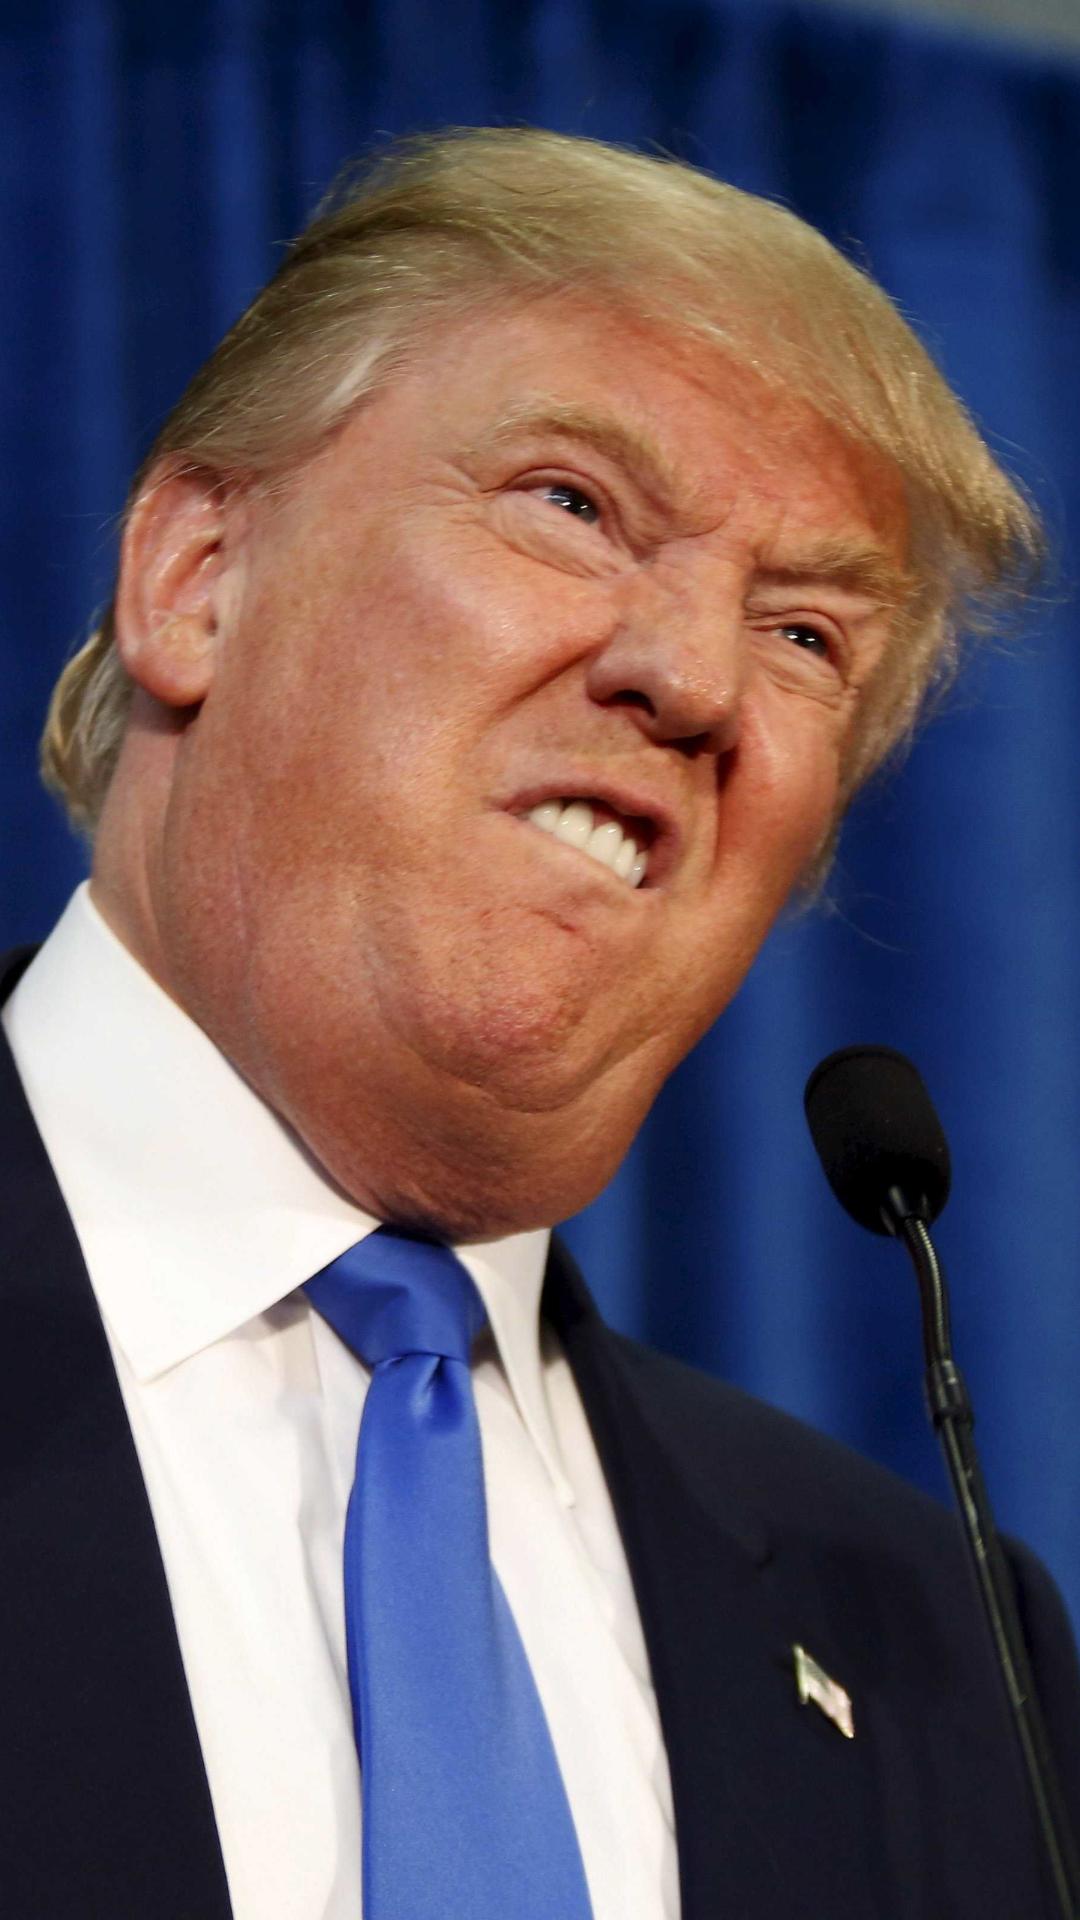 Donald trump wallpaper - SF Wallpaper